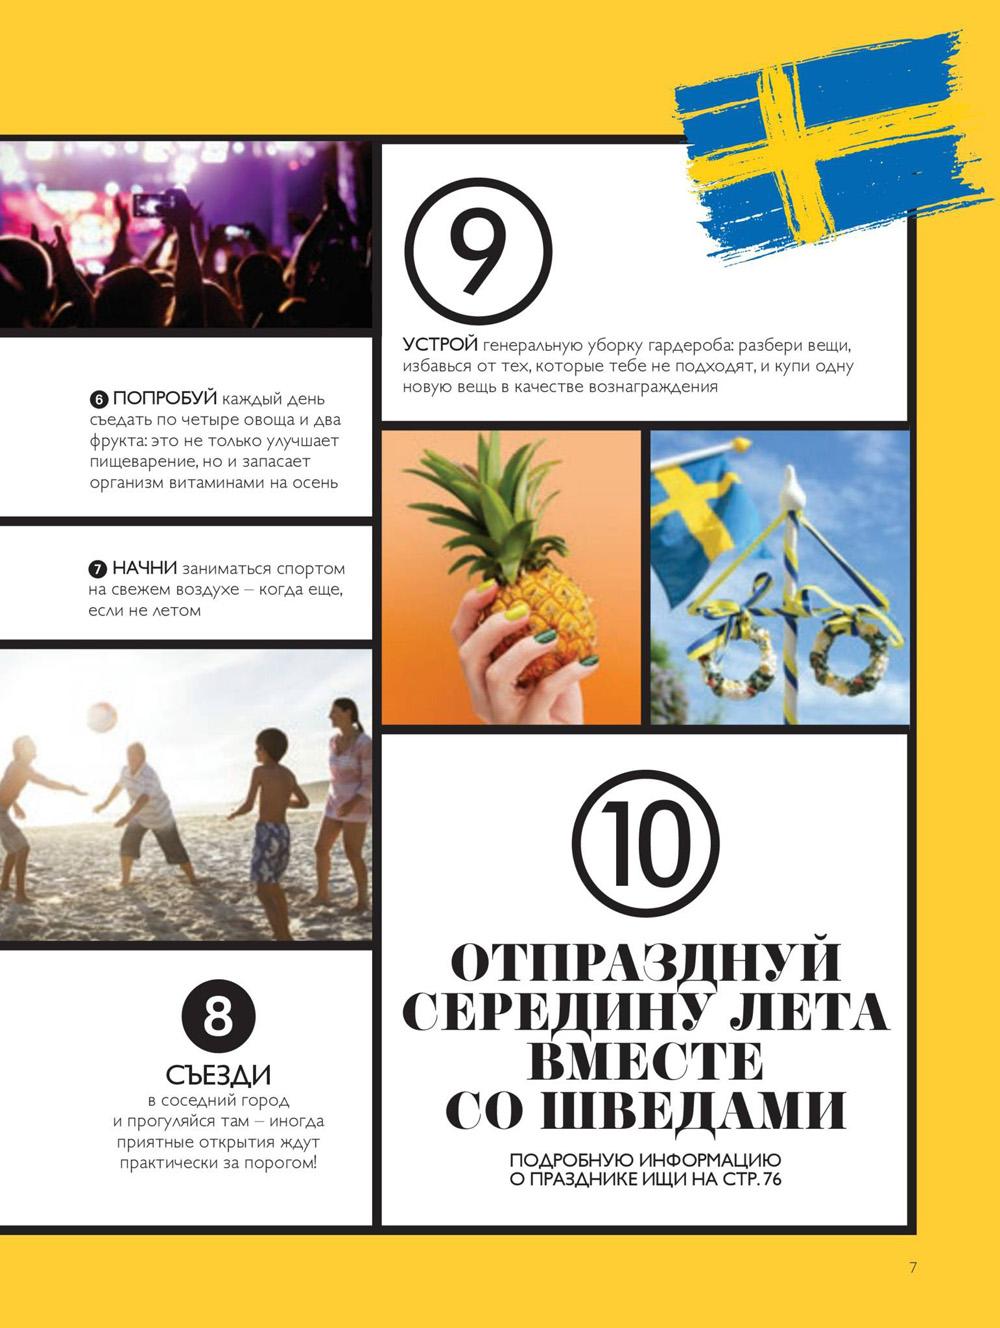 Старица 7, книга красоты Орифлейм Лето 2018, Россия